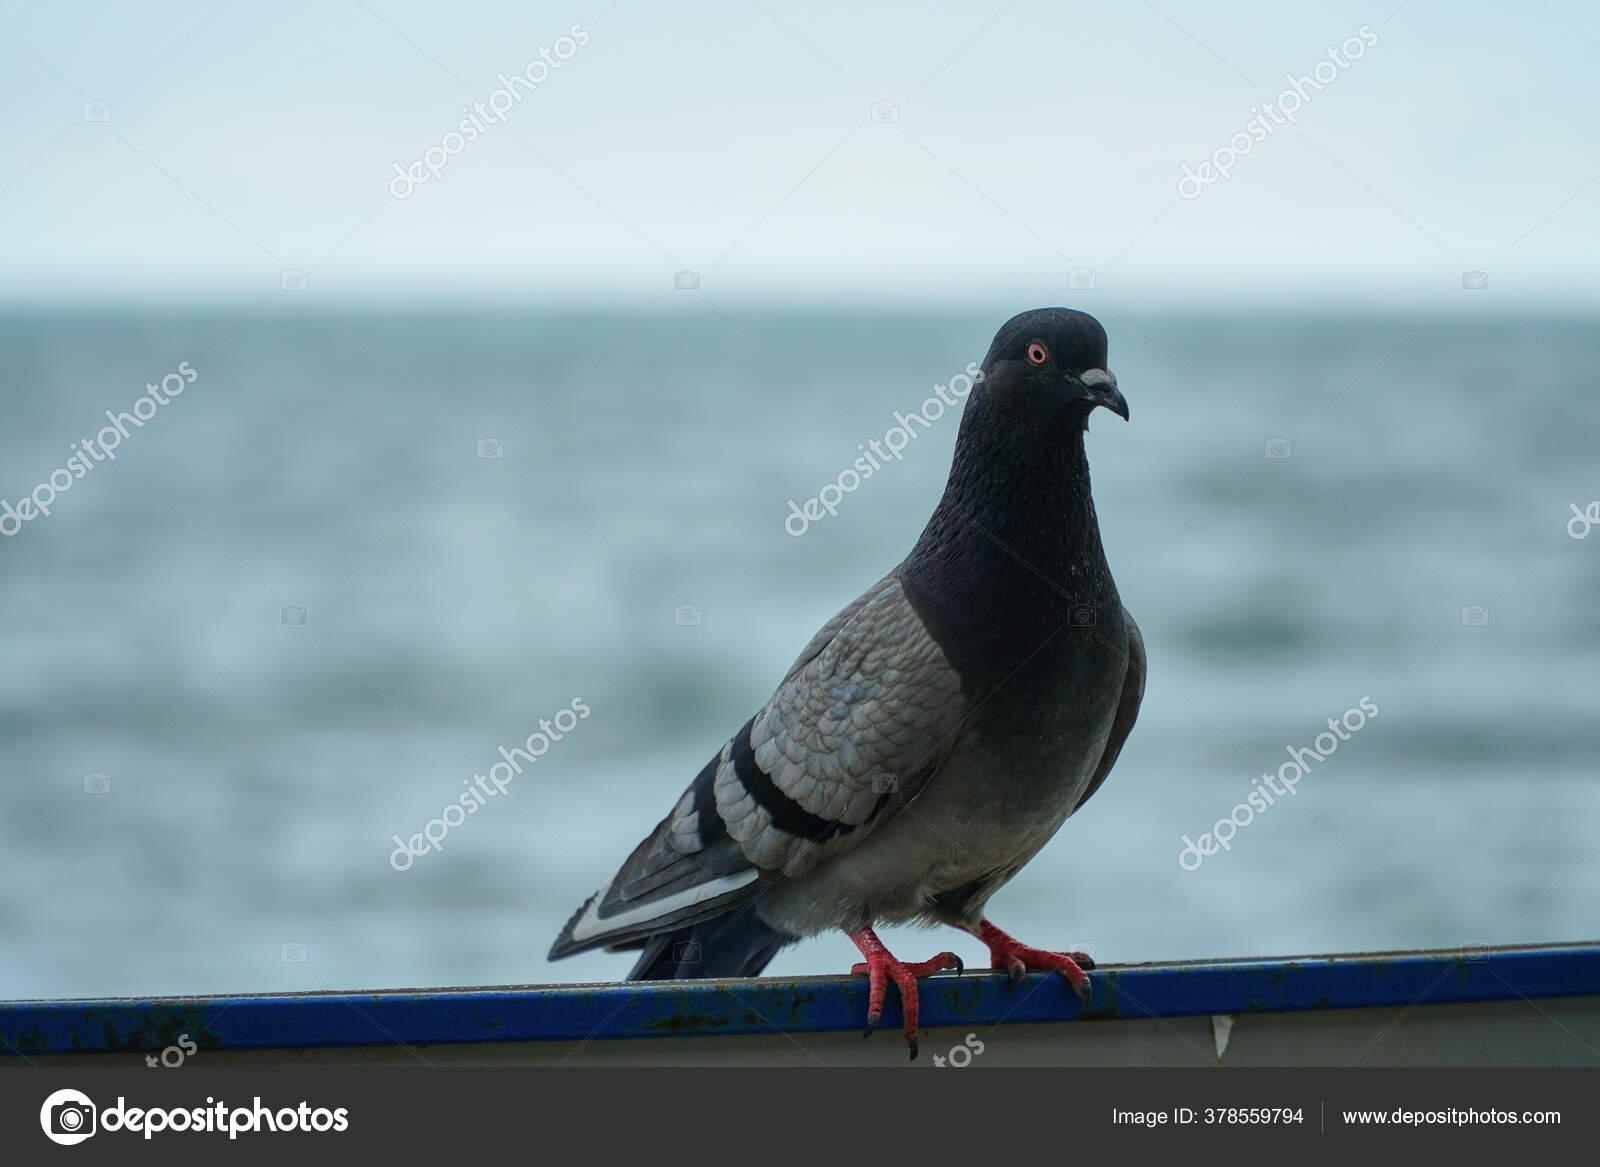 Картинки высокого качества голубей